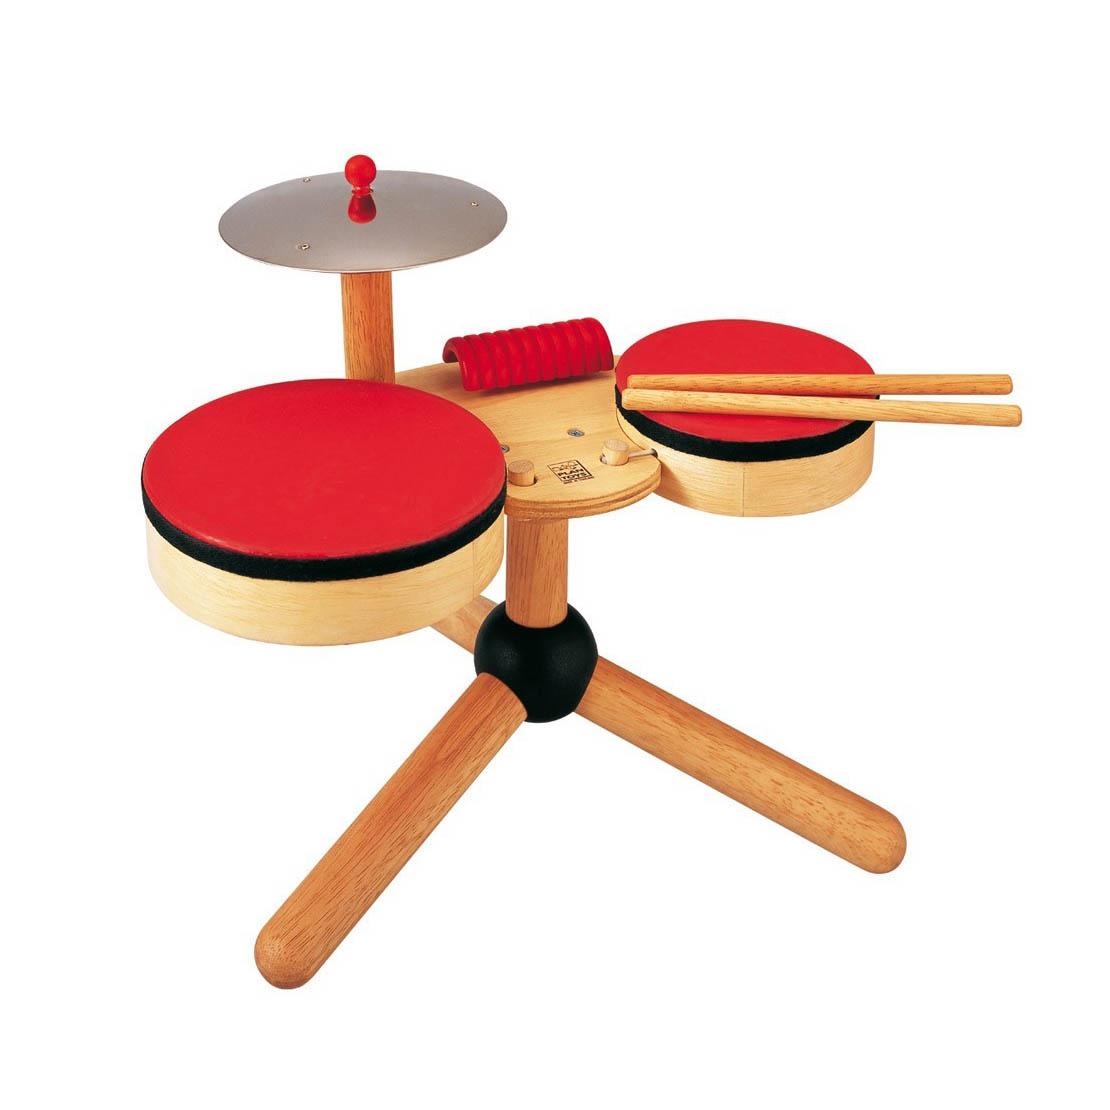 plan-toys-batterie-bois-jouet-imitation-cadeau